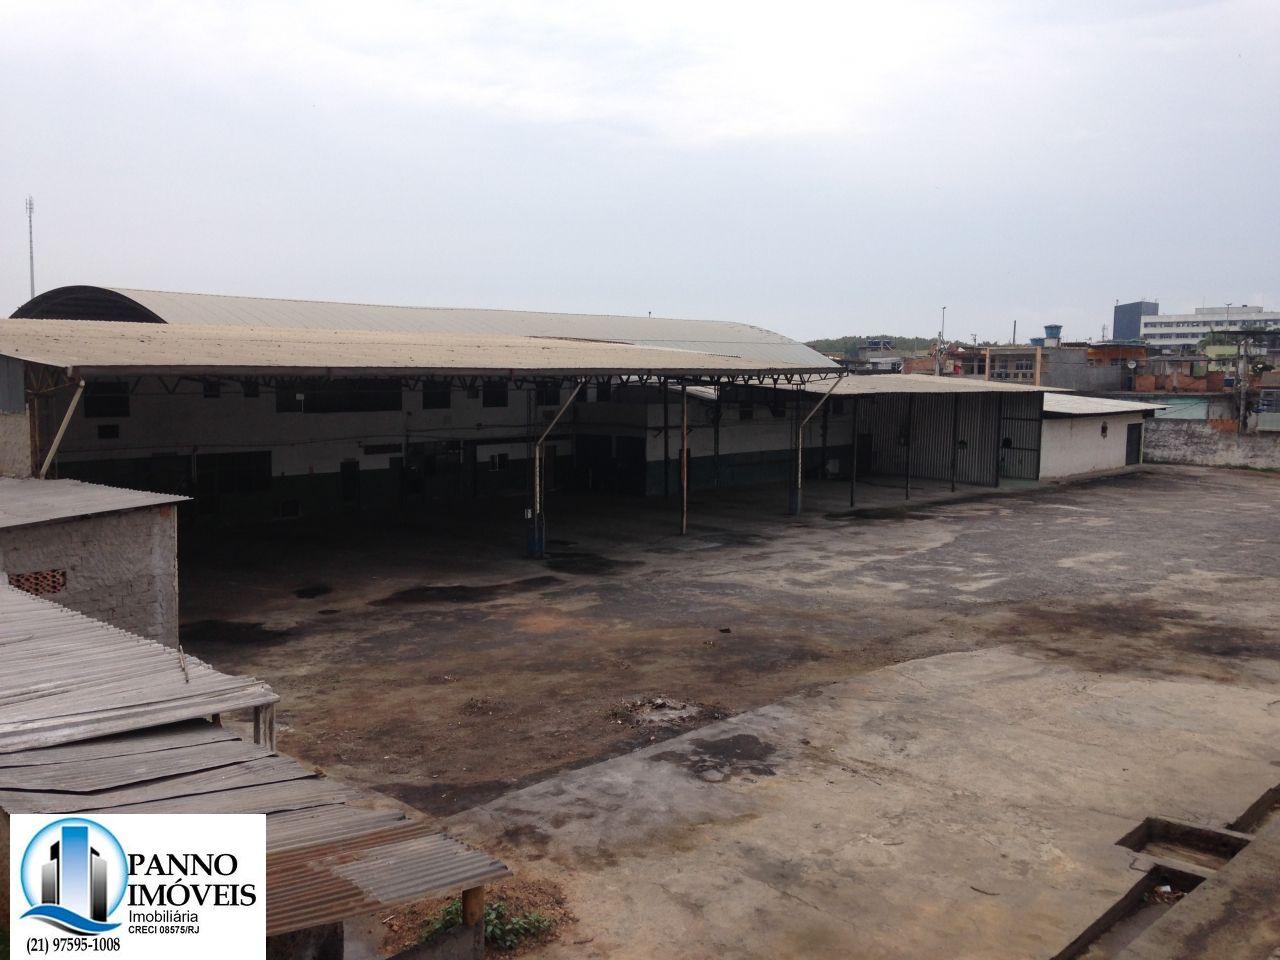 Pavilhão/galpão/depósito à venda  no Vila São Luís - Duque de Caxias, RJ. Imóveis